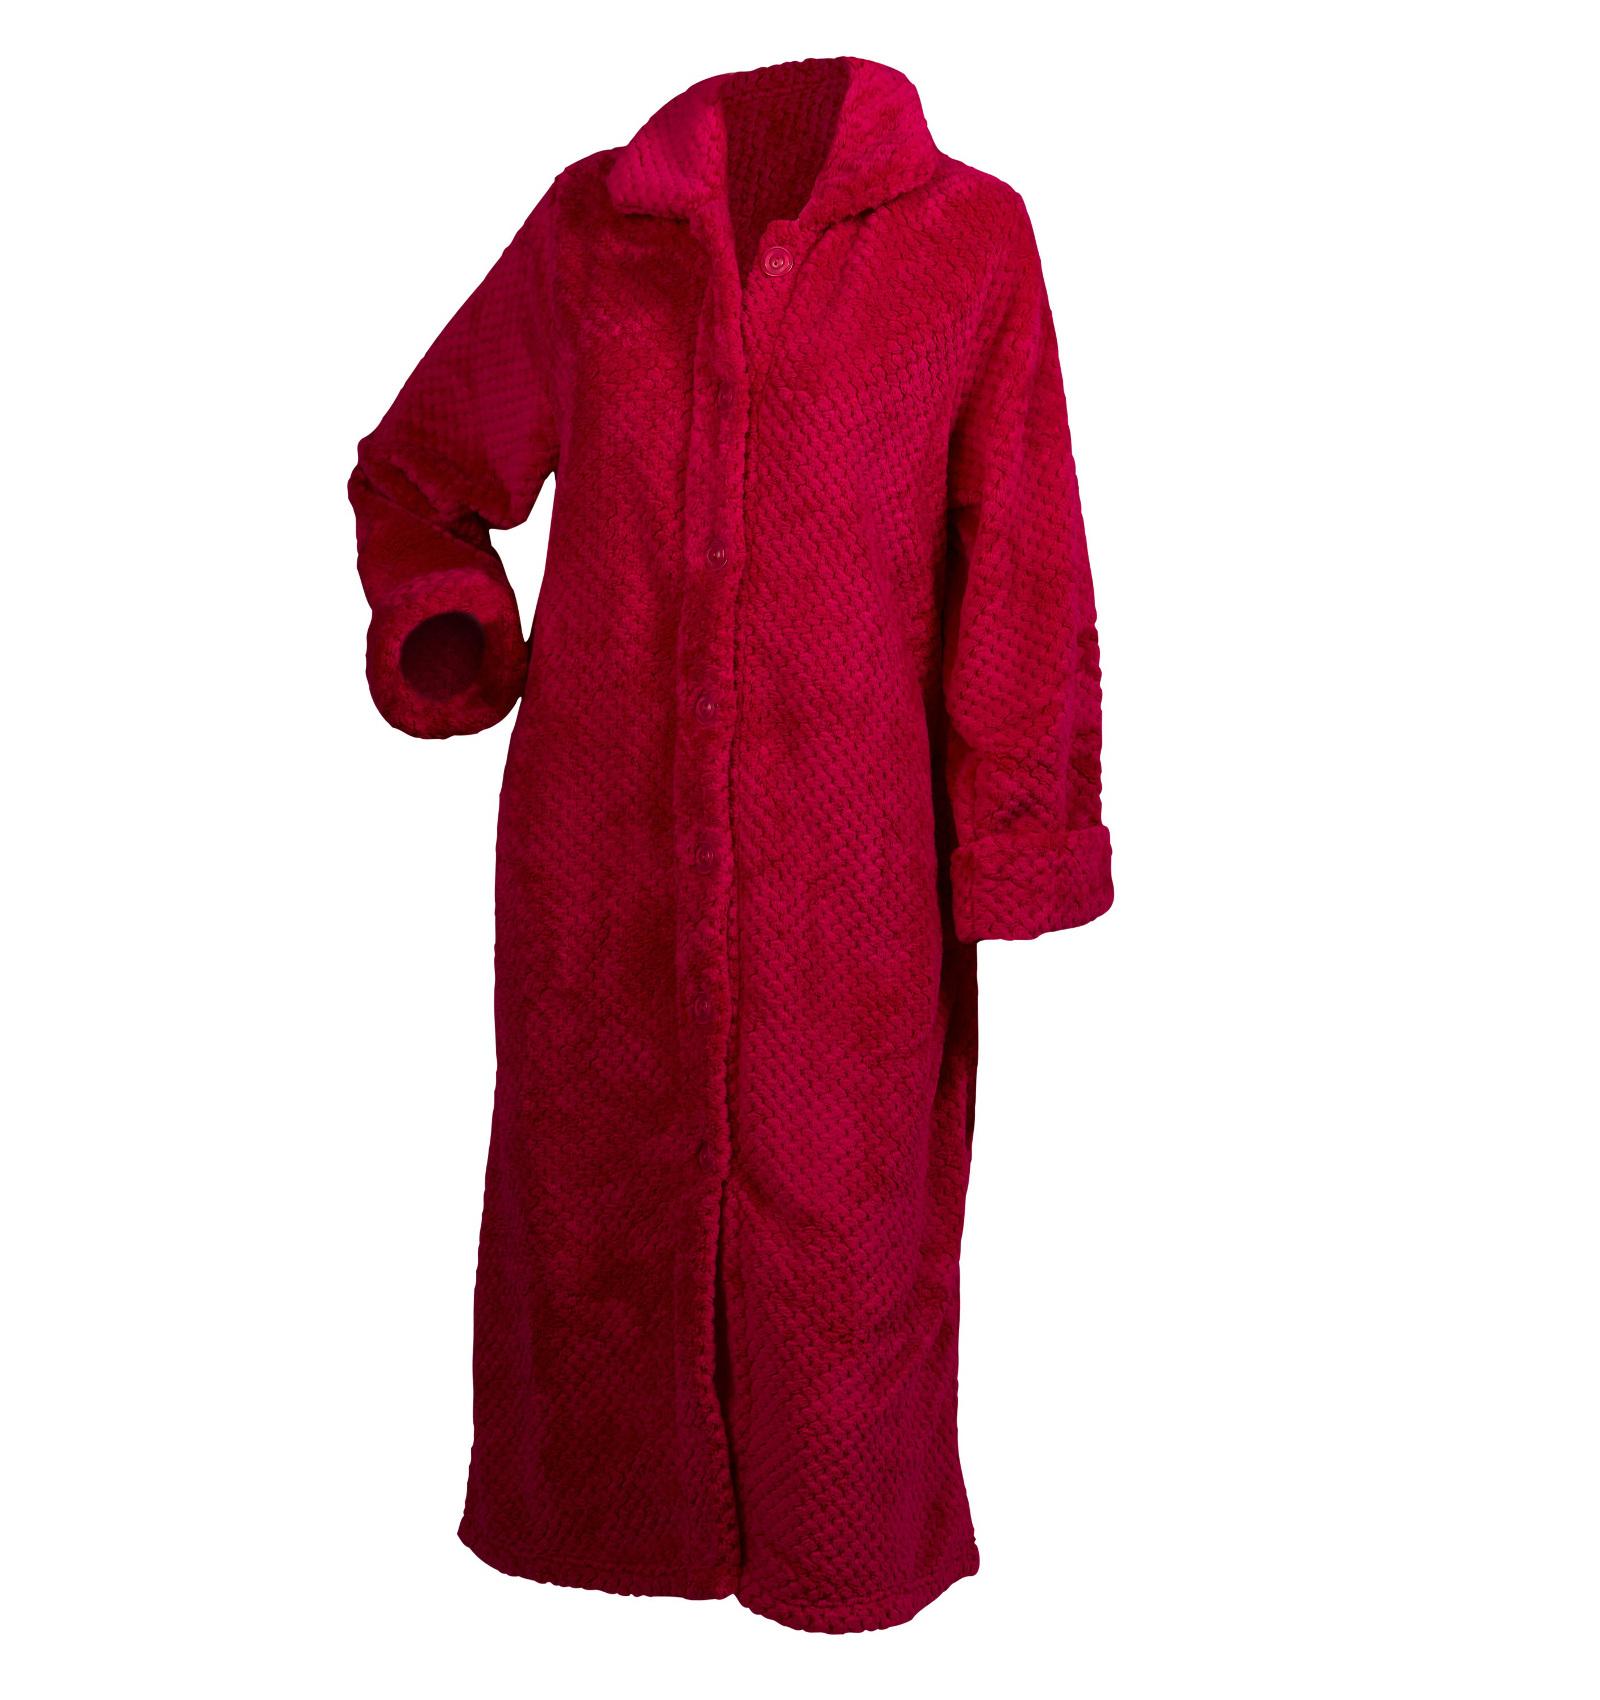 slenderella pour femme doux gaufre peignoir robe de With exceptional couleurs froides et couleurs chaudes 16 slenderella pour femme doux gaufre peignoir robe de